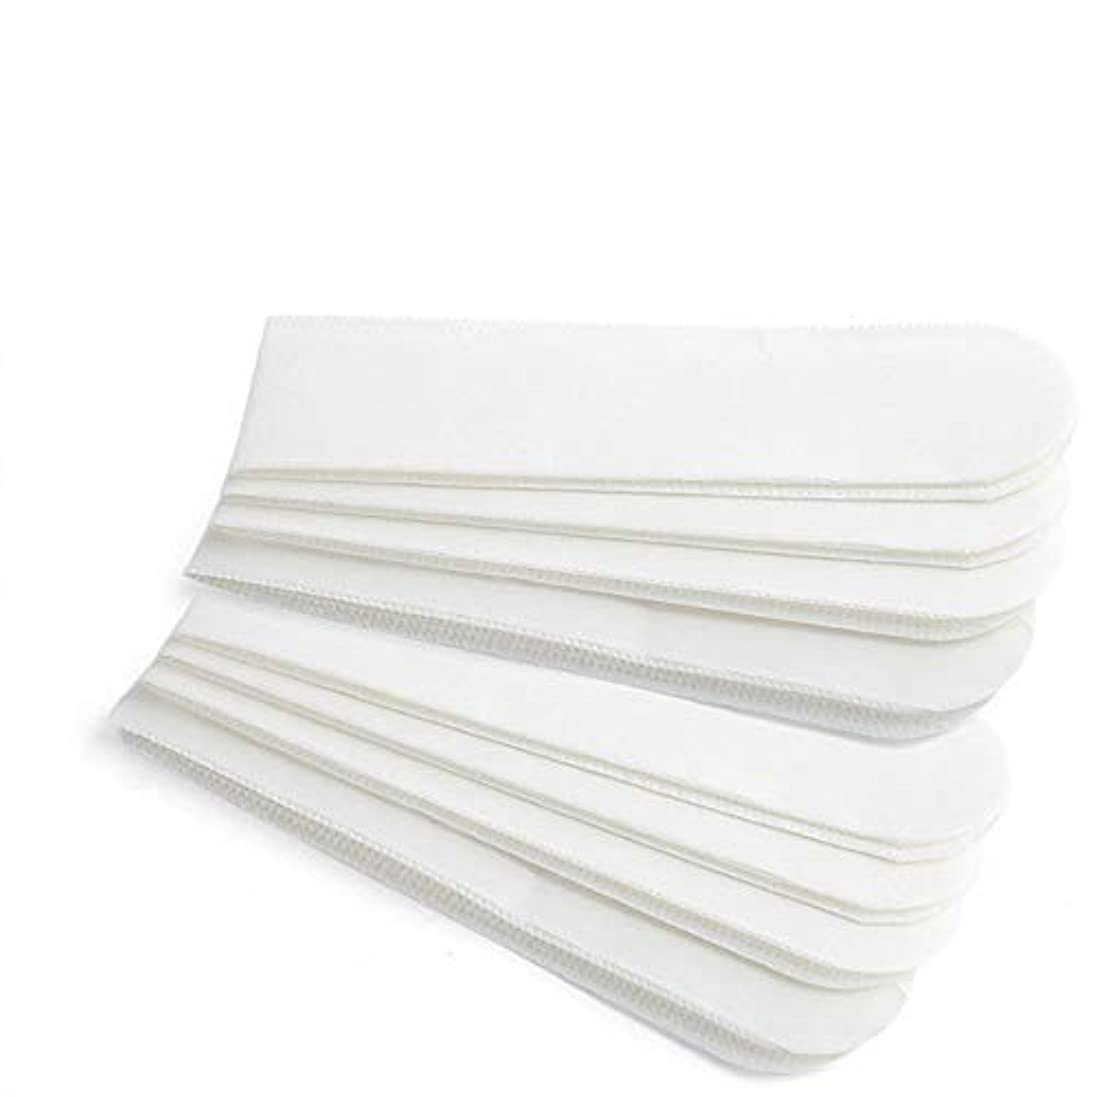 防ぐハウジング雪だるまを作るHUANBO 襟汗 パッド 染みない バレない 気にならない 簡単 えり汗 対策 テープ型 12枚入り